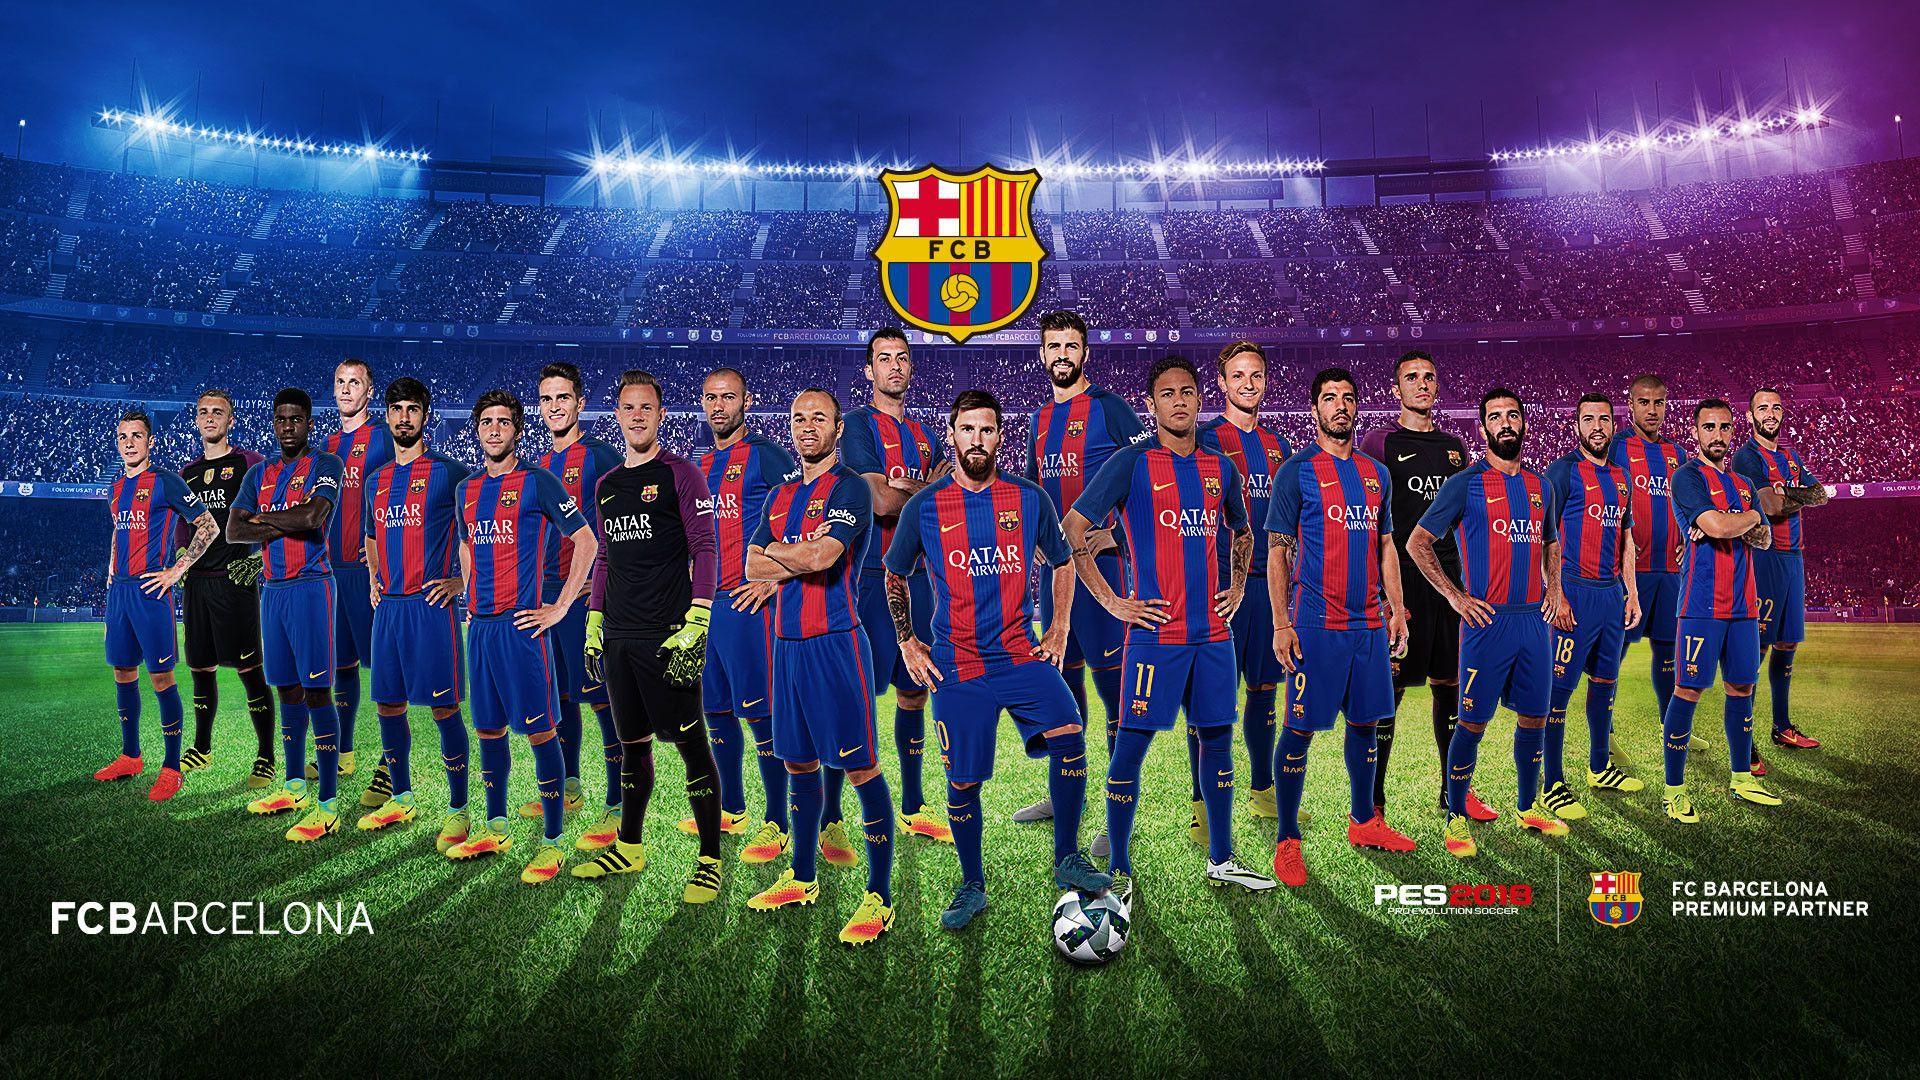 Barcelona Desktop Wallpapers Top Free Barcelona Desktop